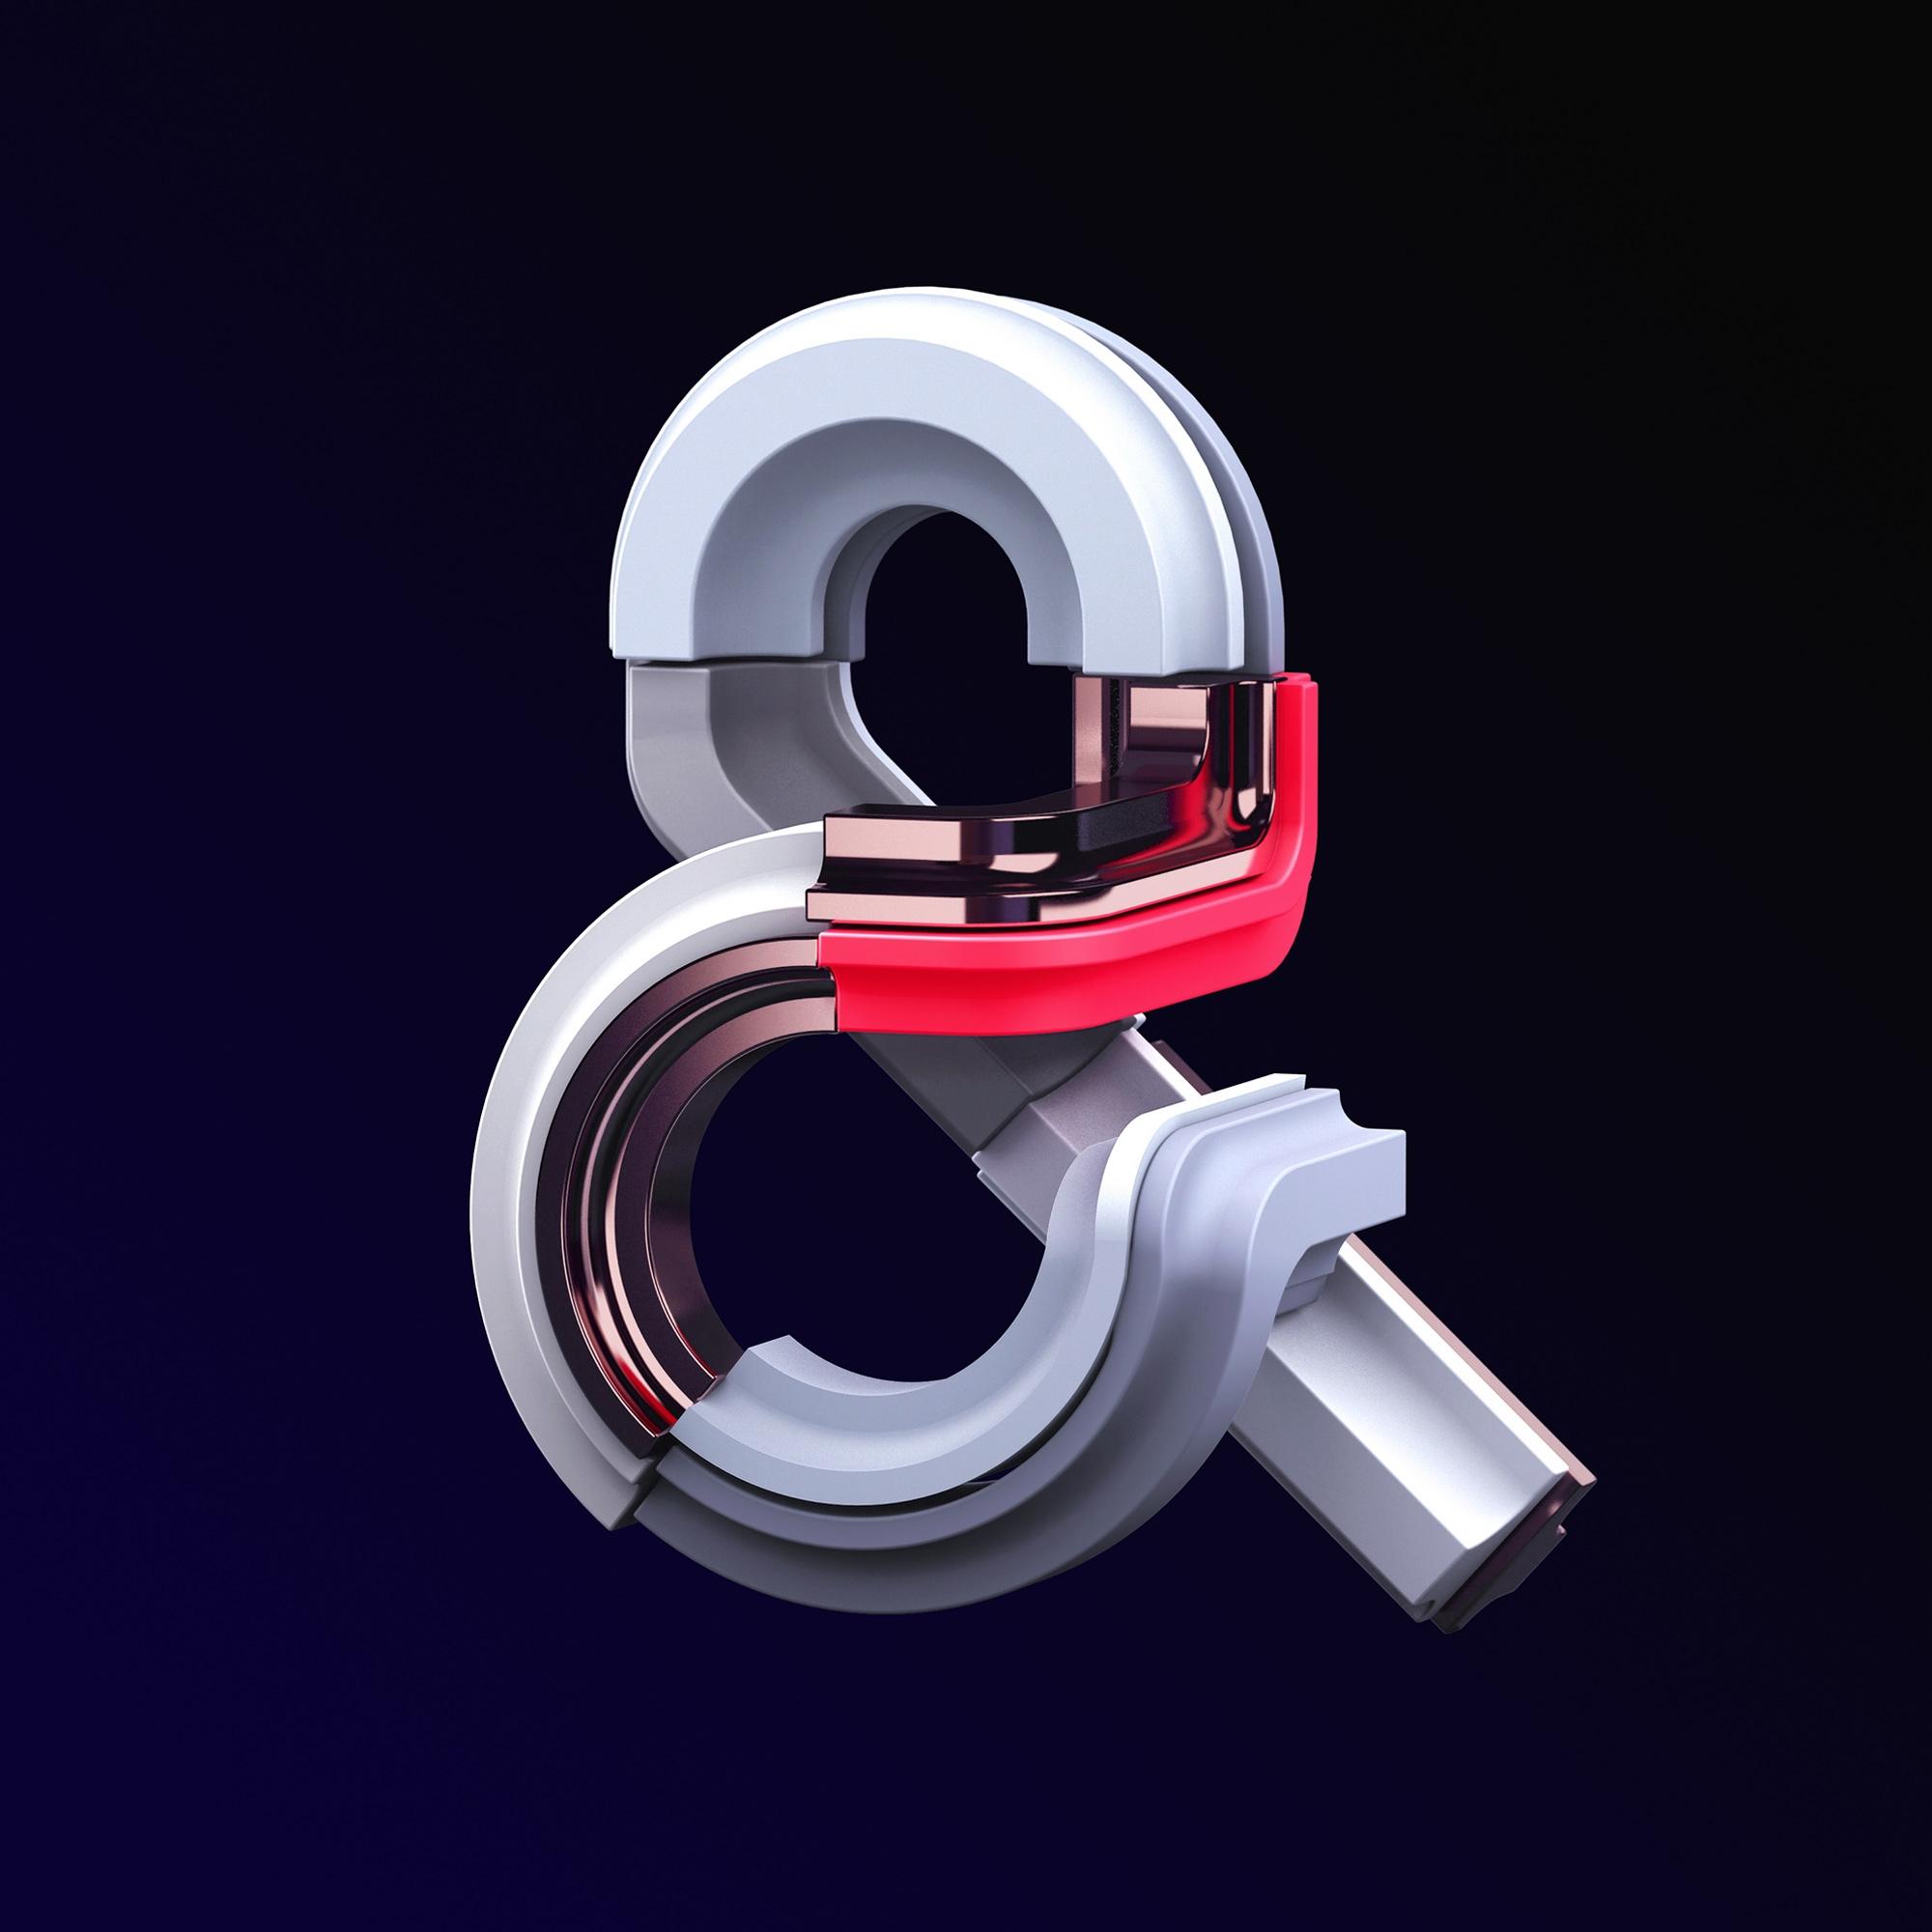 Adobe Ampersand. BÜRO UFHO Crea - ufho | ello